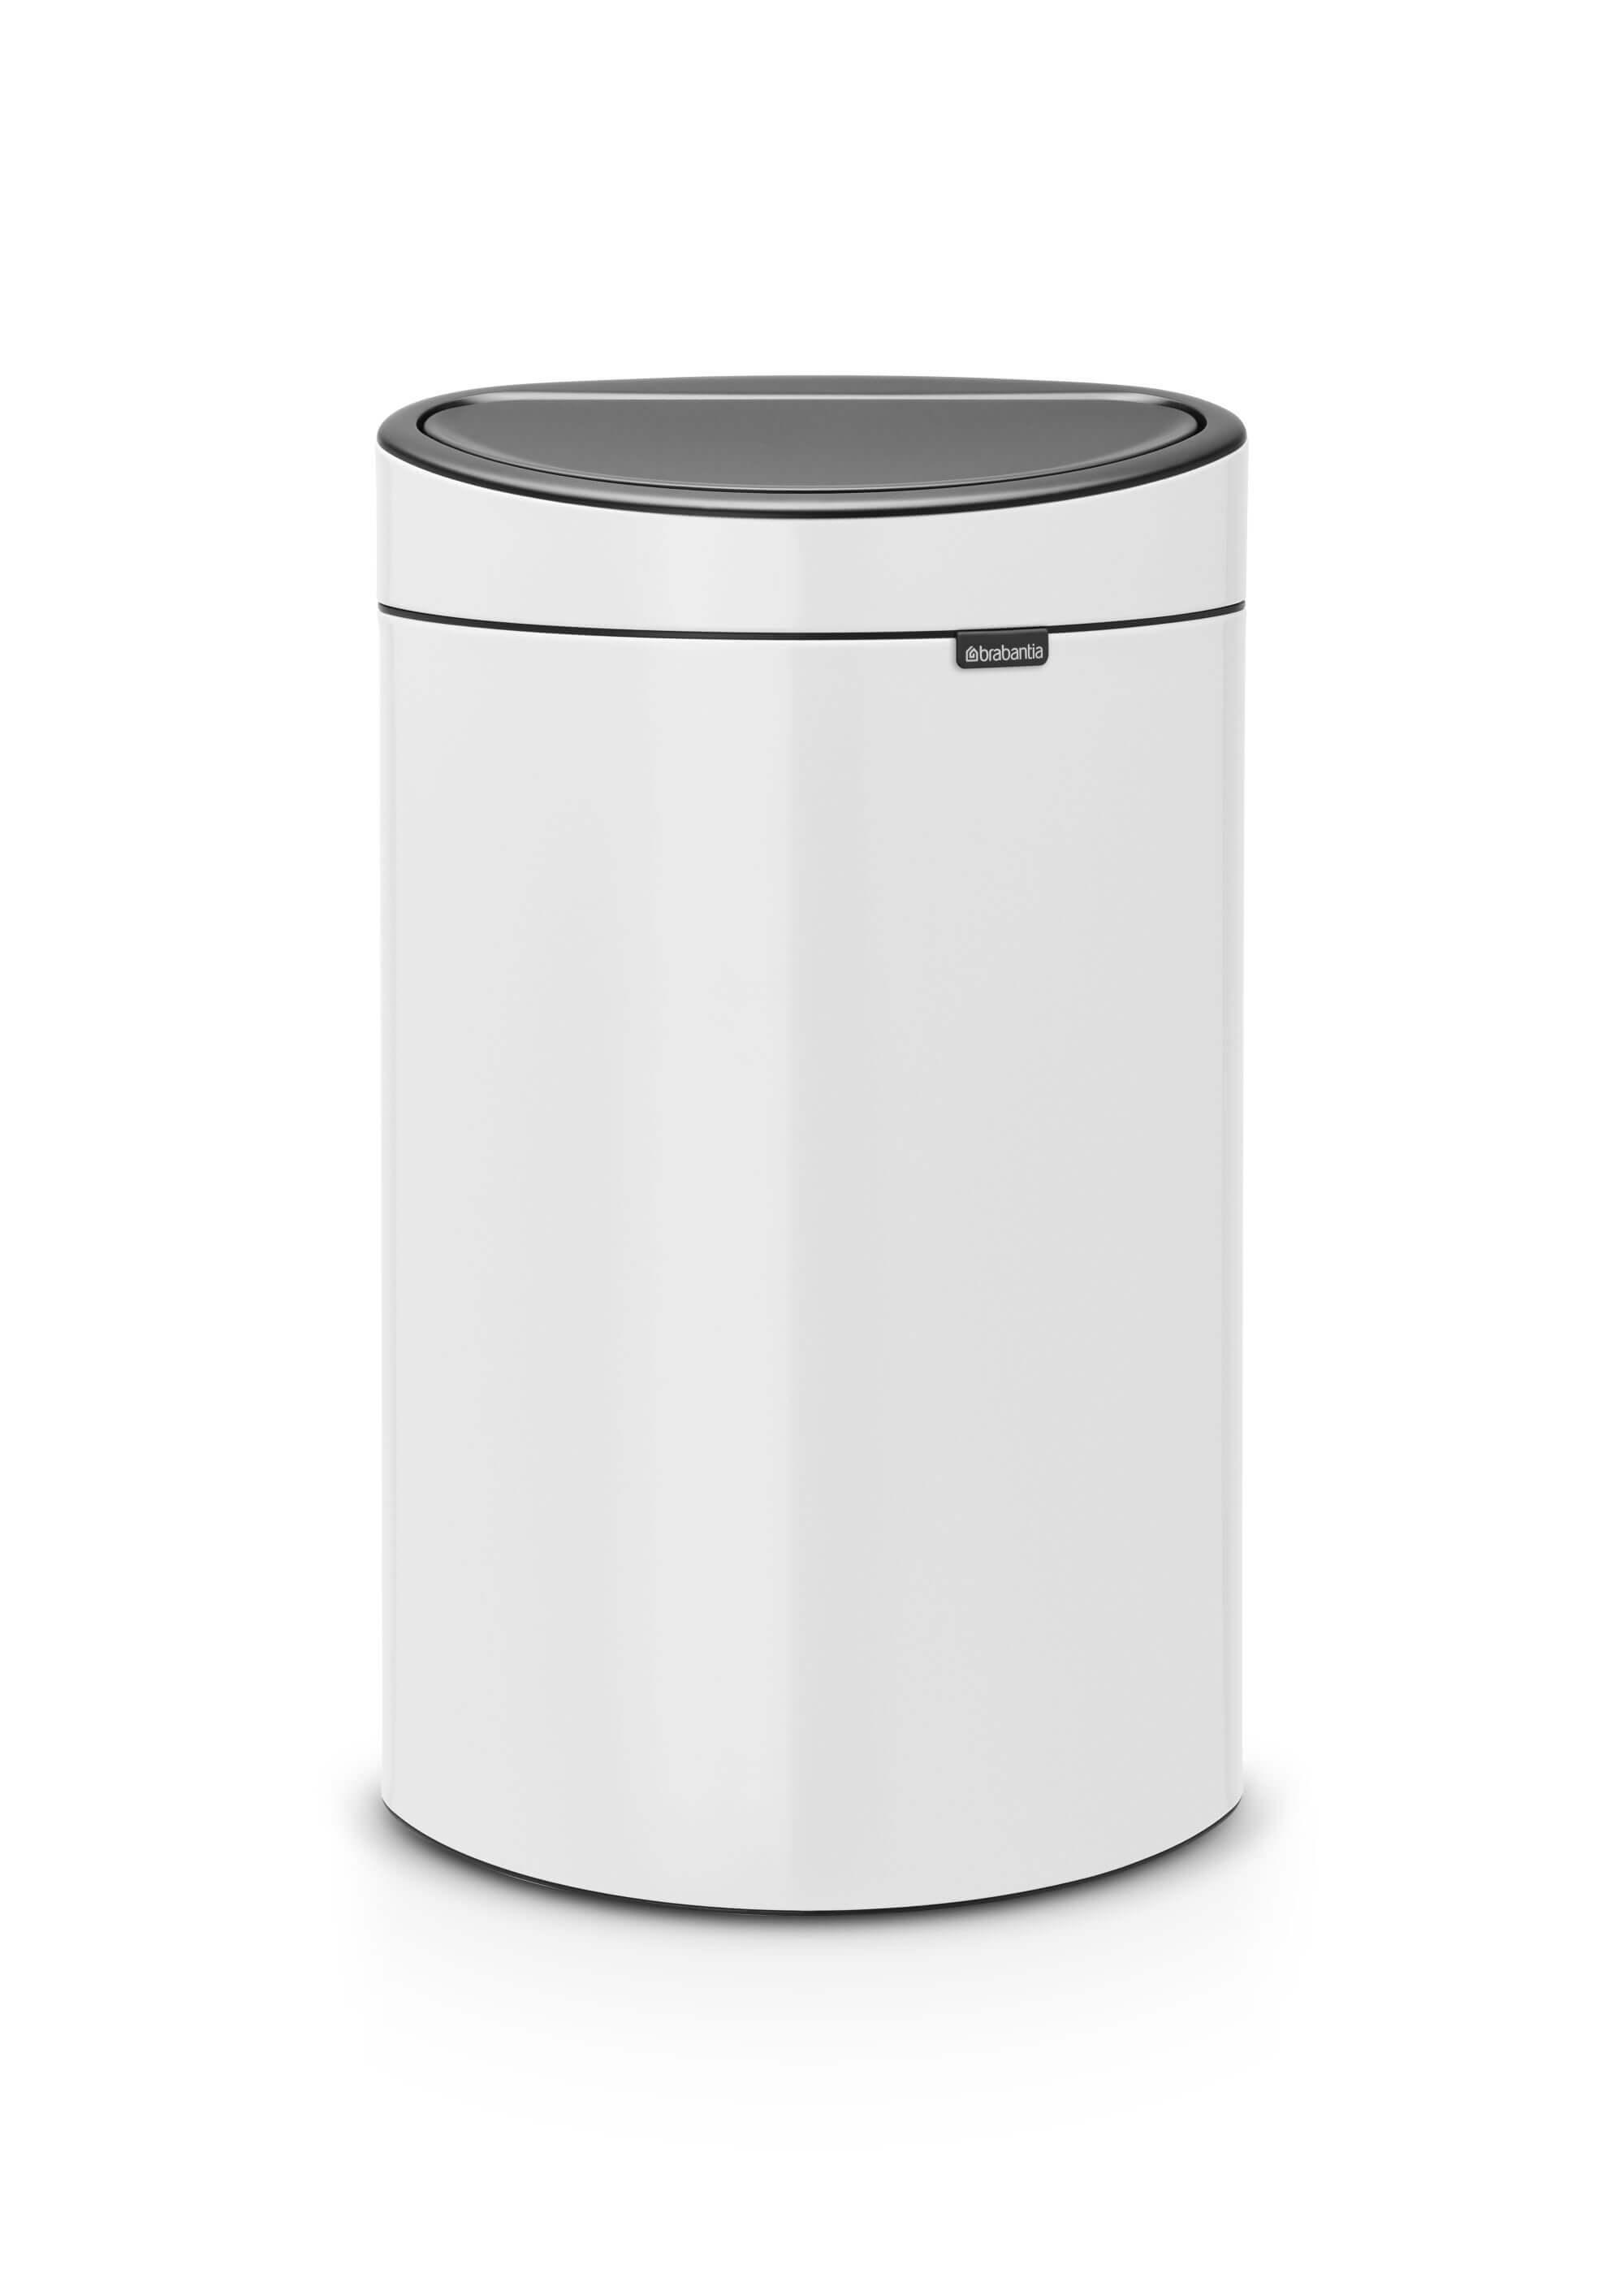 Garantie Brabantia Touch Bin 40 Liter.Brabantia Touch Bin 40 Liter White Brabantia Touch Bin 40 Liter White